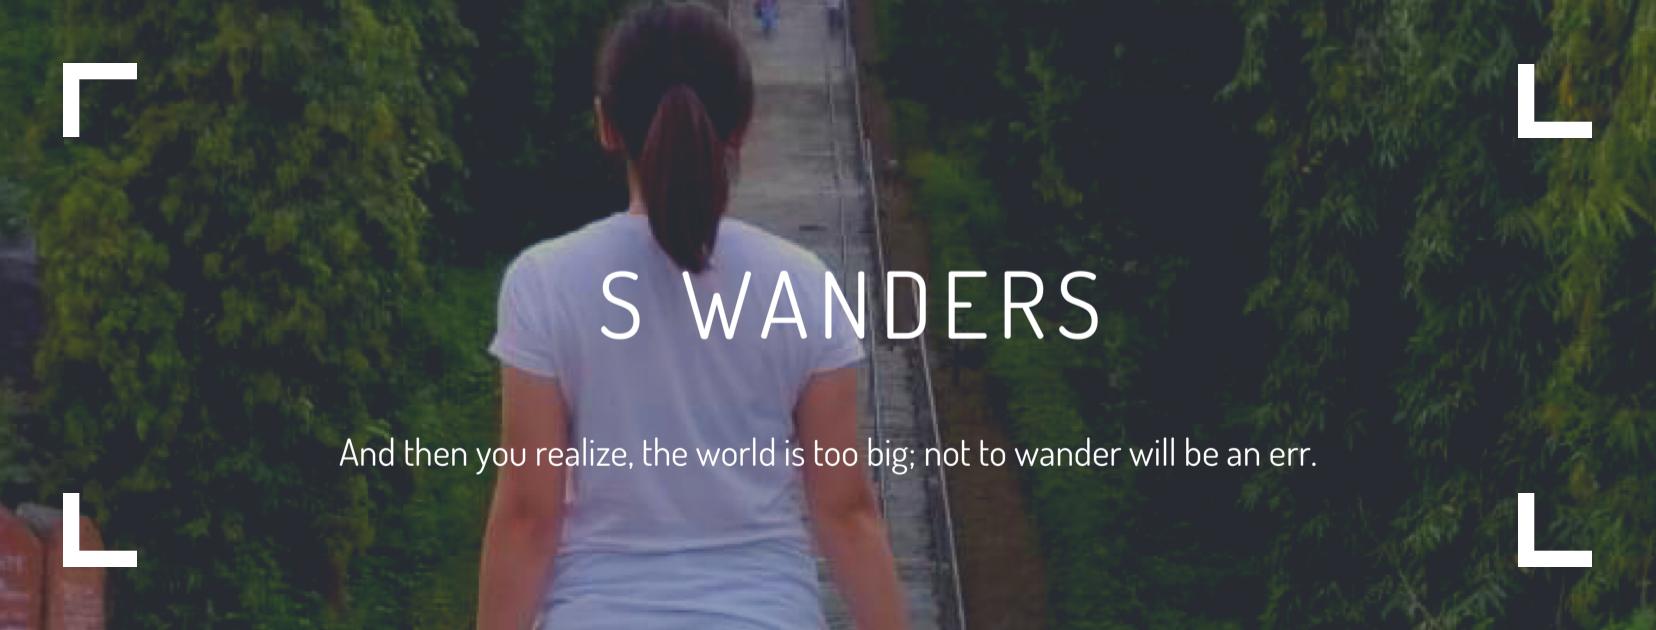 S Wanders